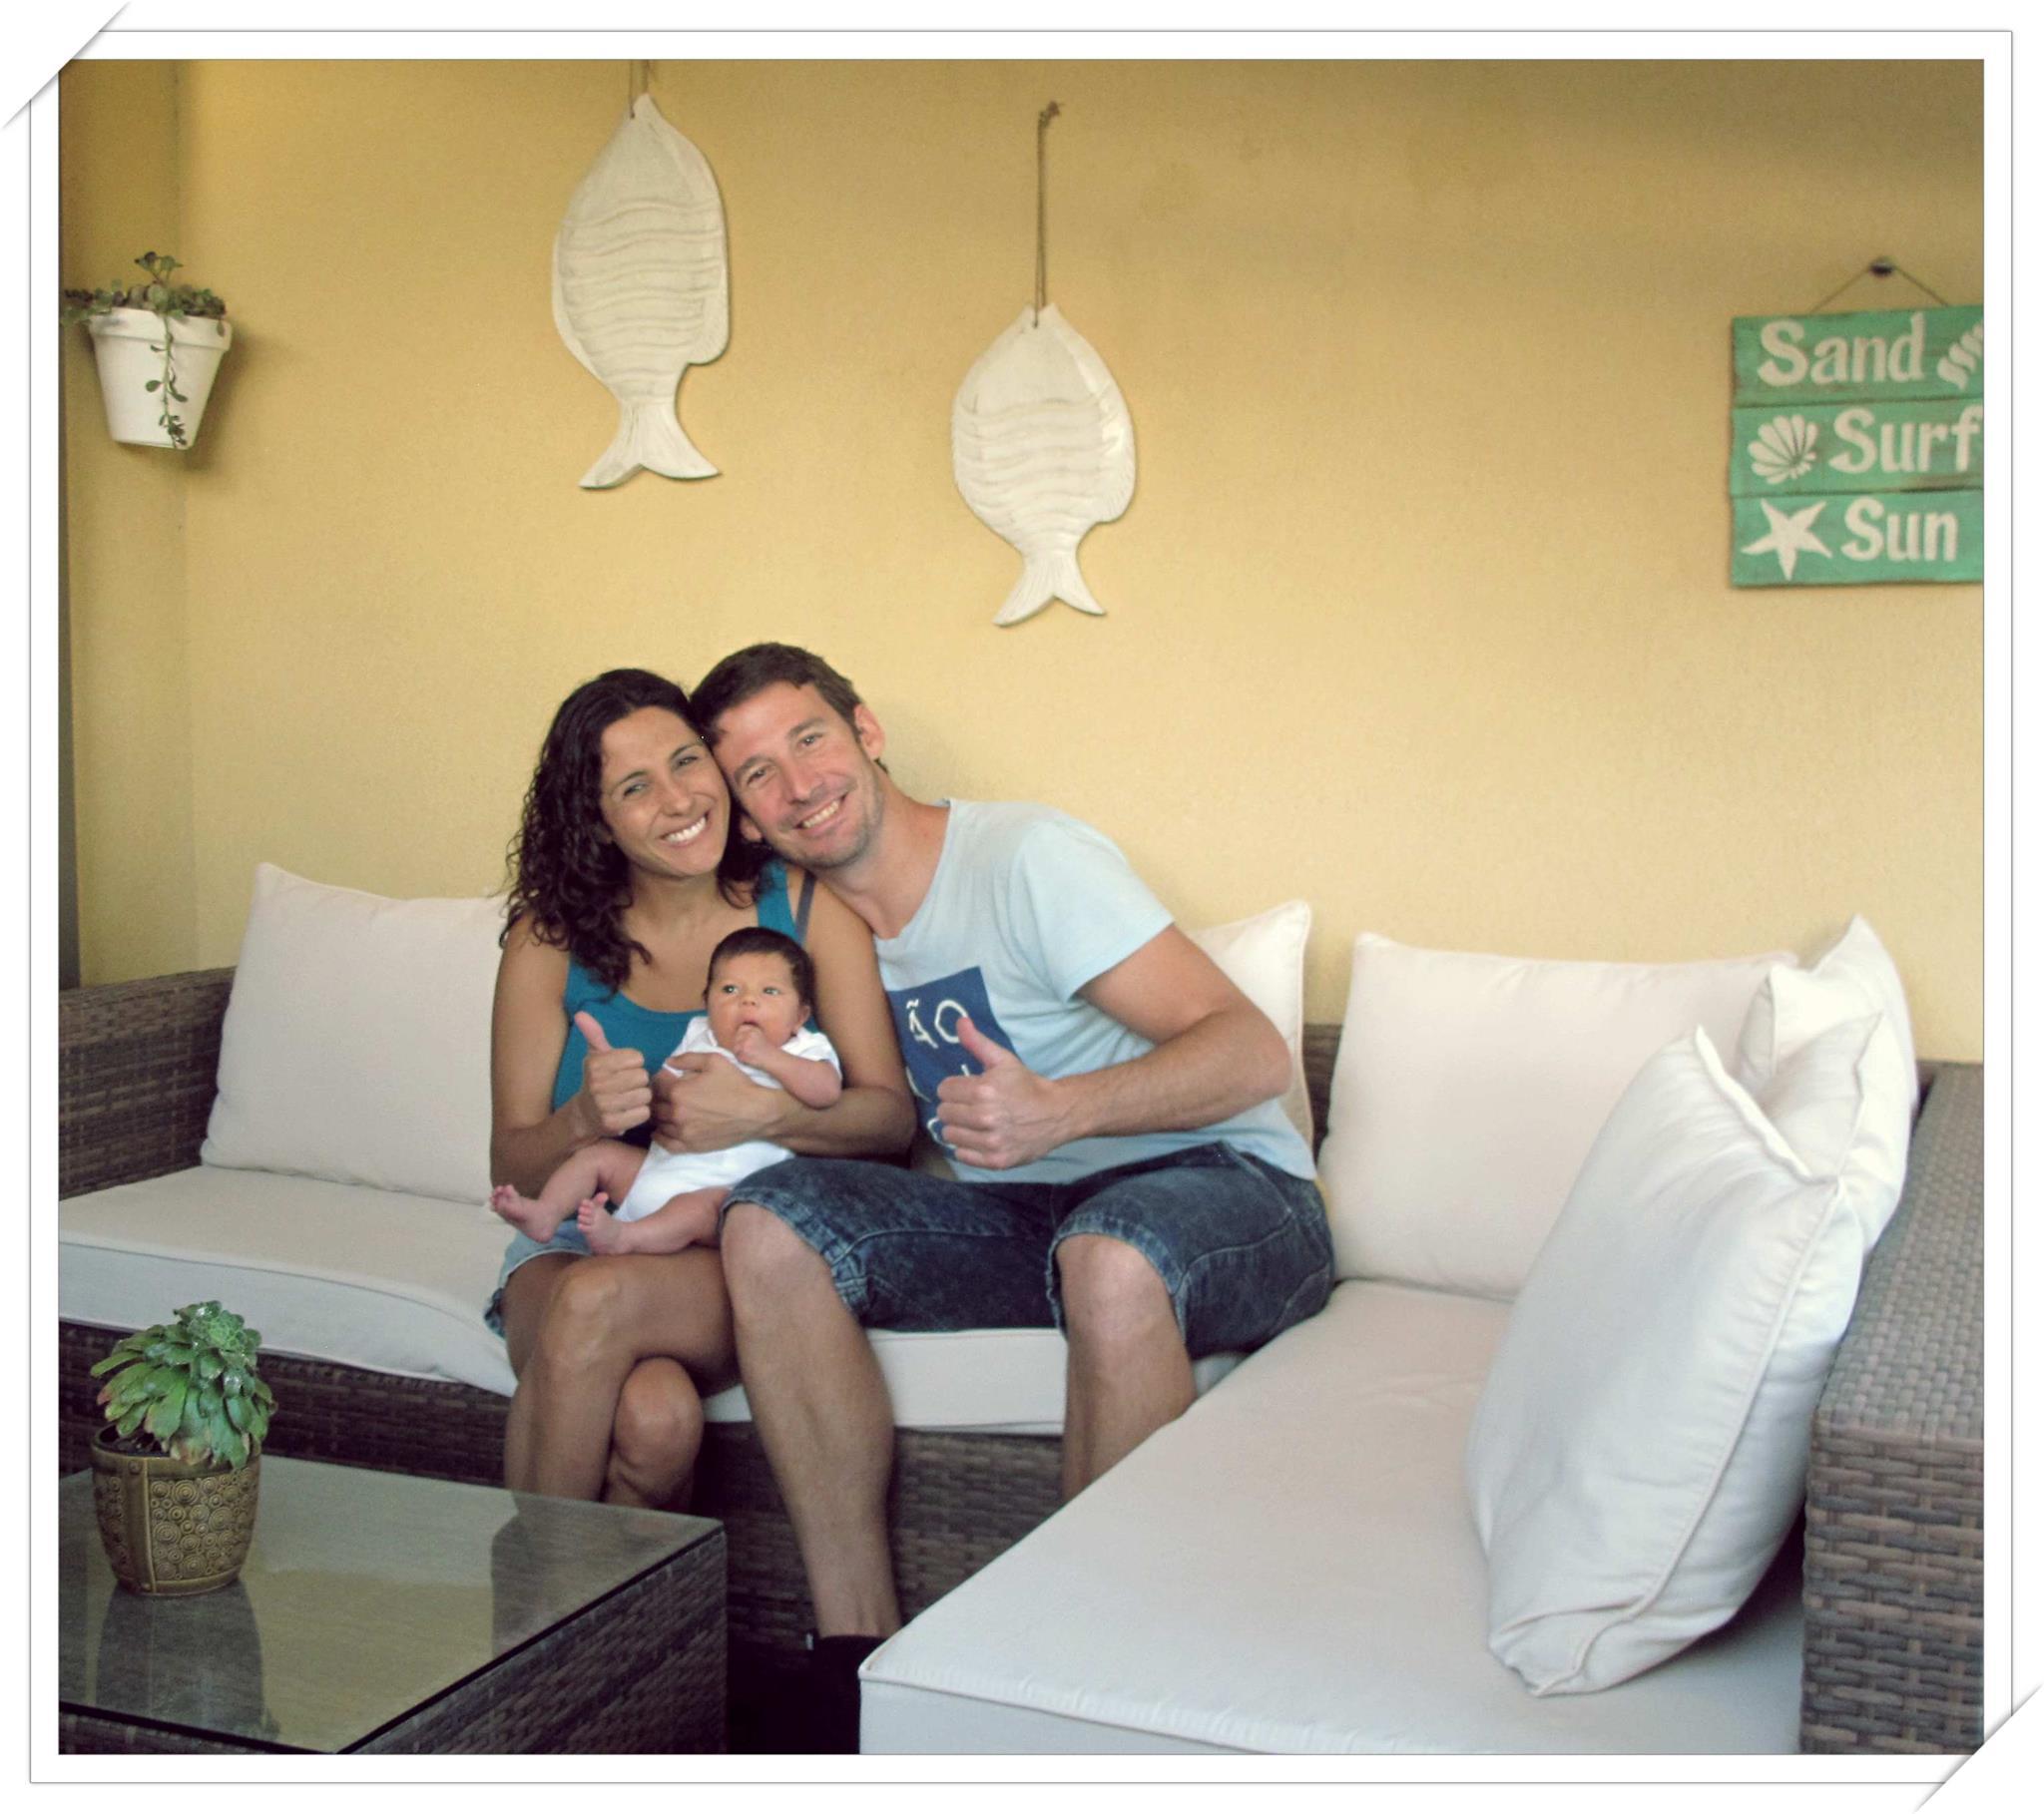 Mateo Cabrera Ahumada posa junto a sus felices padres, Xime y Carmelo / Cedida Familia Cabrera Ahumada